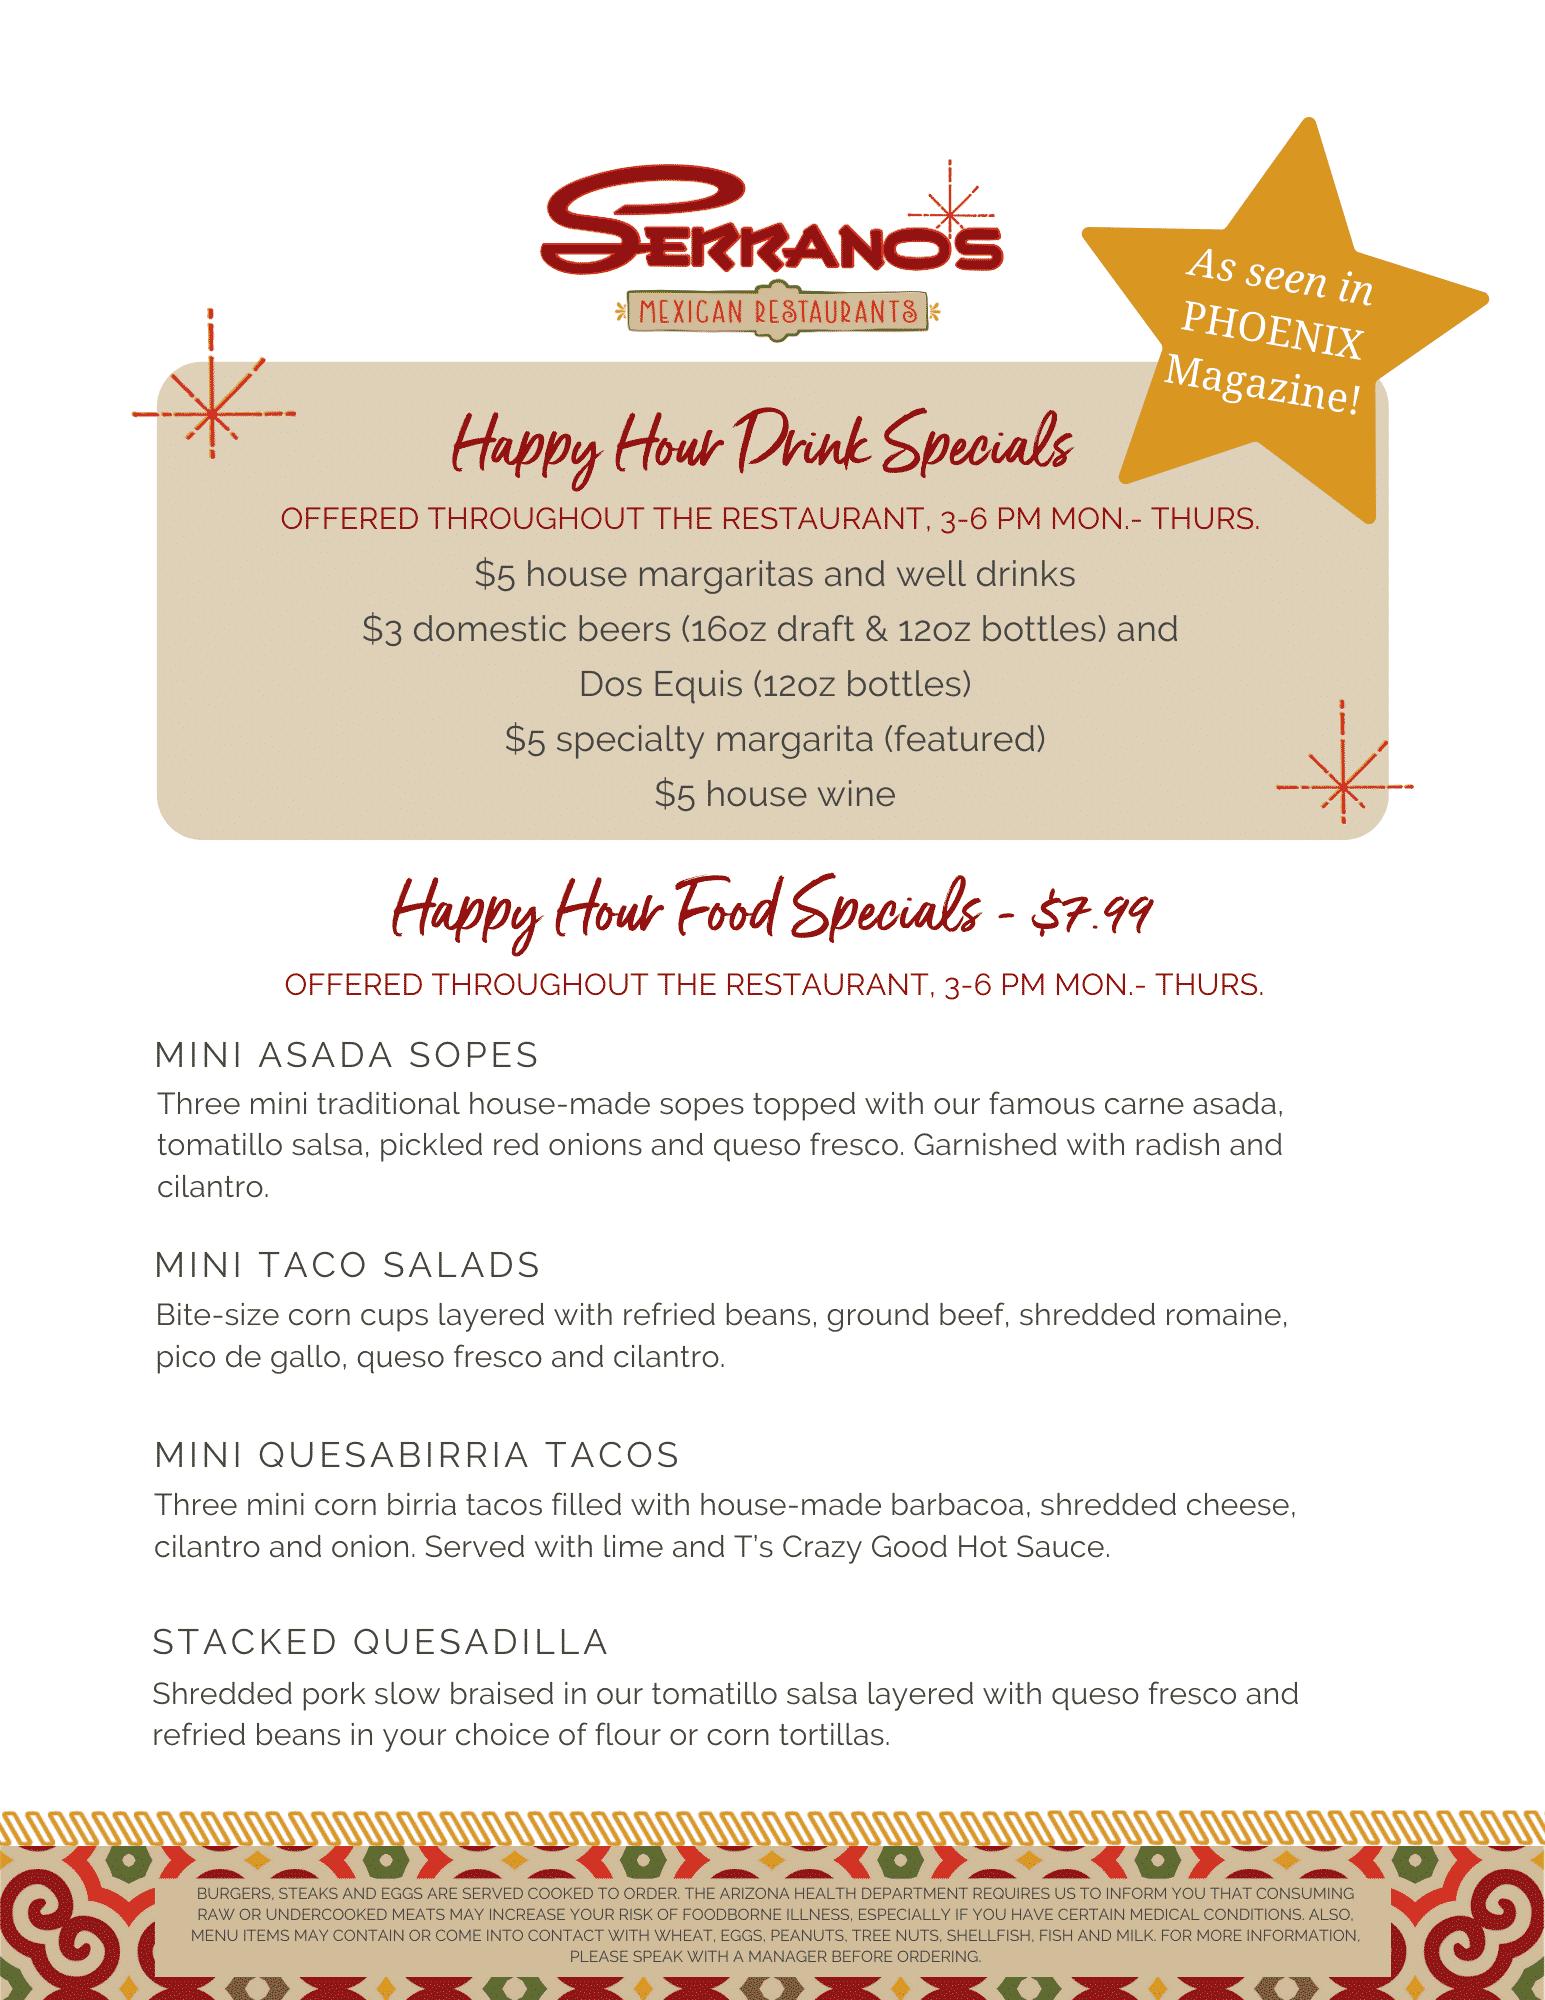 Serranos_happy hour menu 2020_updated 12-7-2